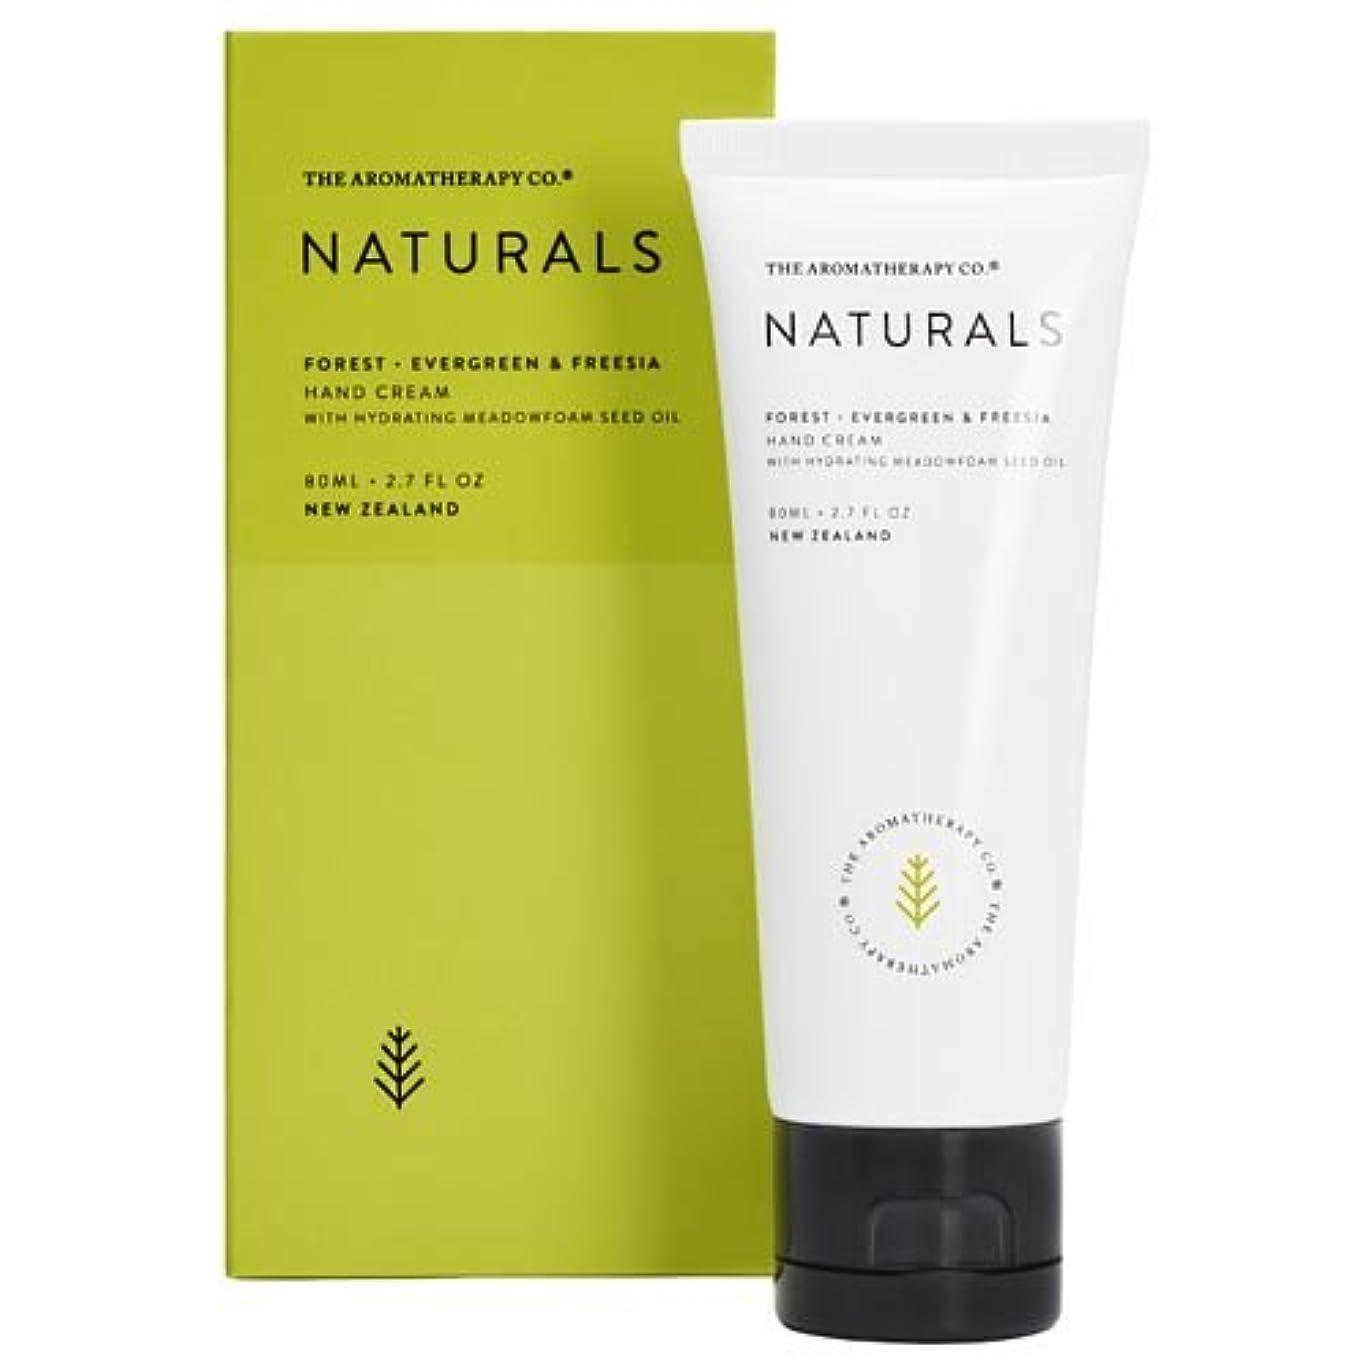 少しハンカチ紳士気取りの、きざなnew NATURALS ナチュラルズ Hand Cream ハンドクリーム Forest フォレスト(森林)Evergreen & Freesia エバーグリーン&フリージア